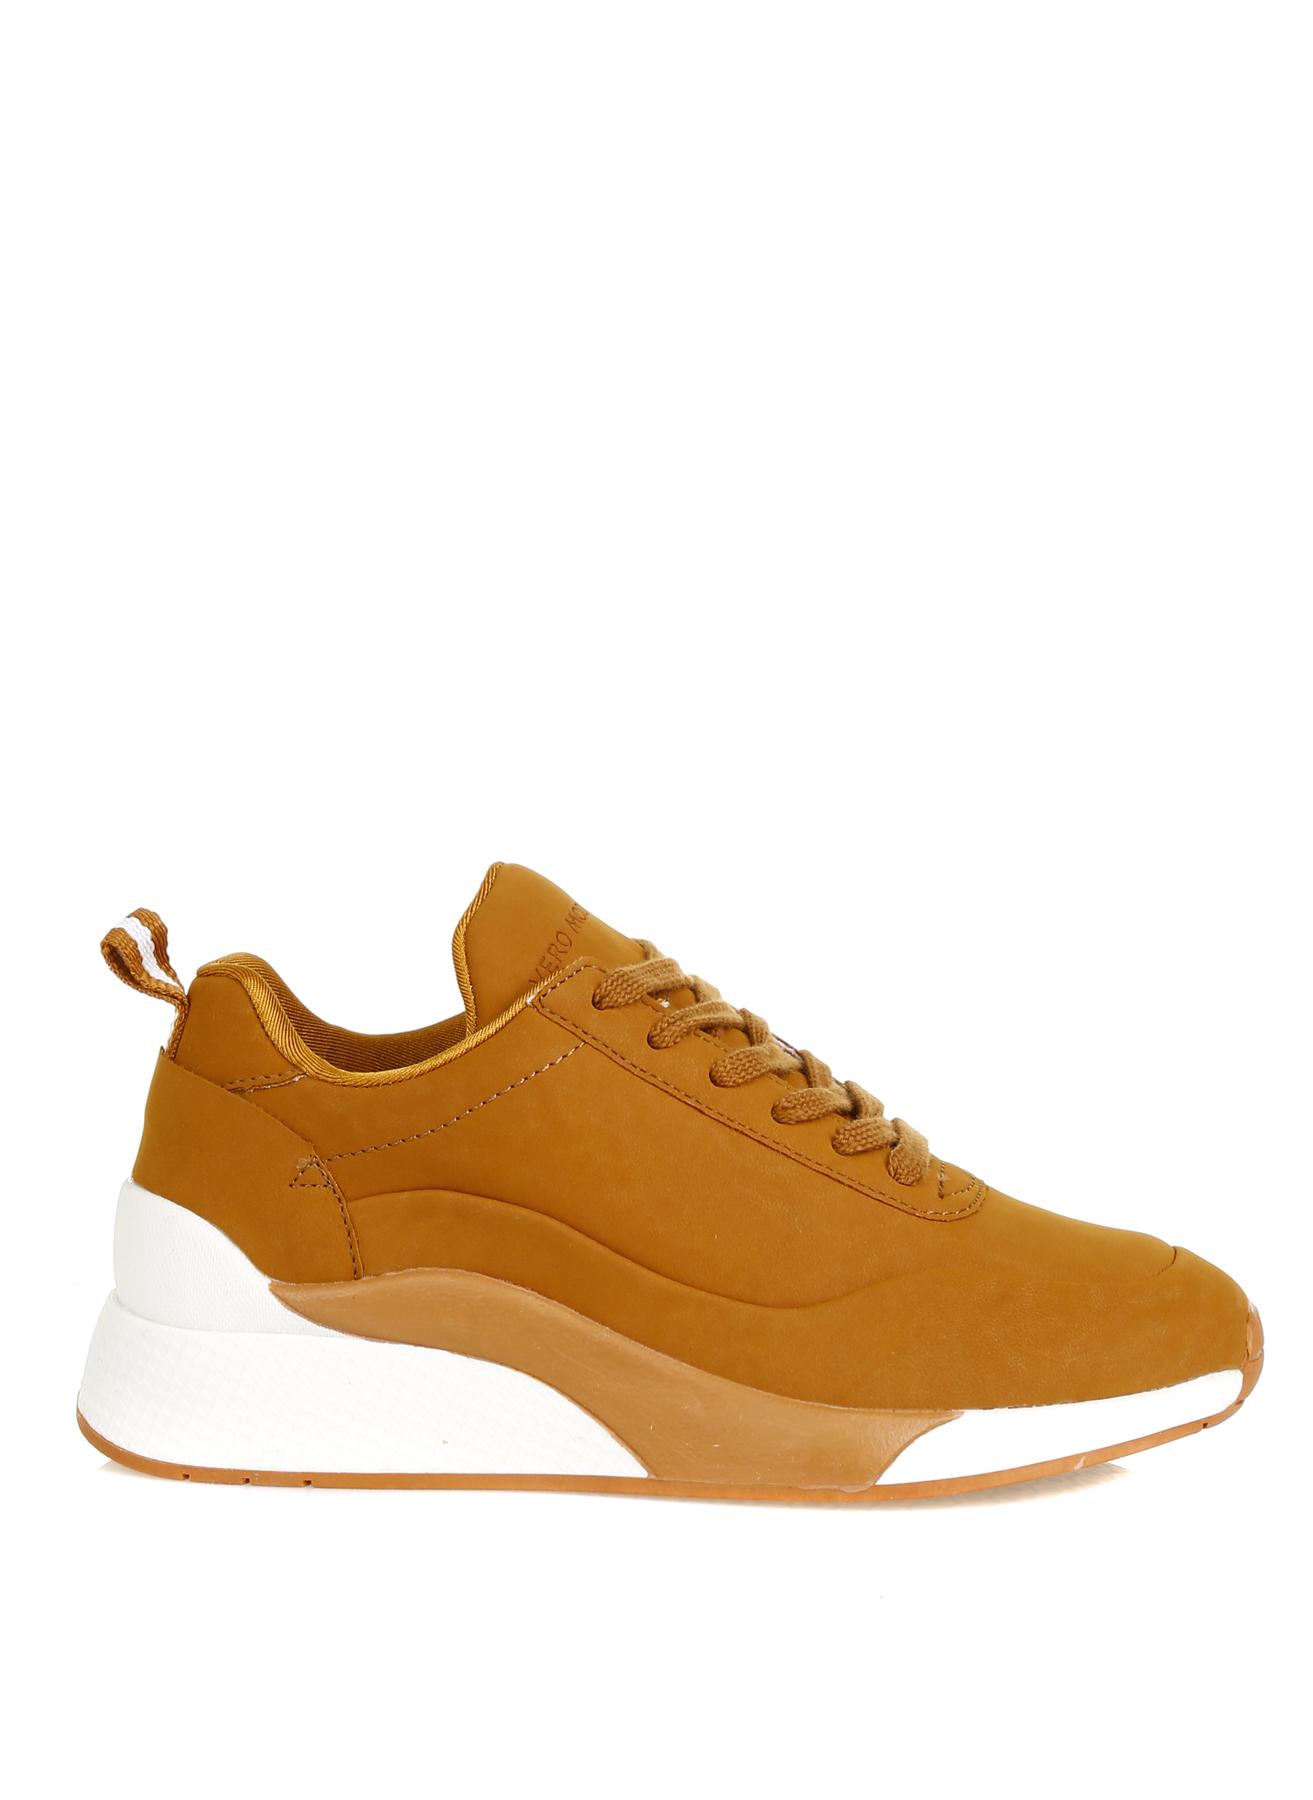 Vero Moda Düz Ayakkabı 38 5002027048003 Ürün Resmi